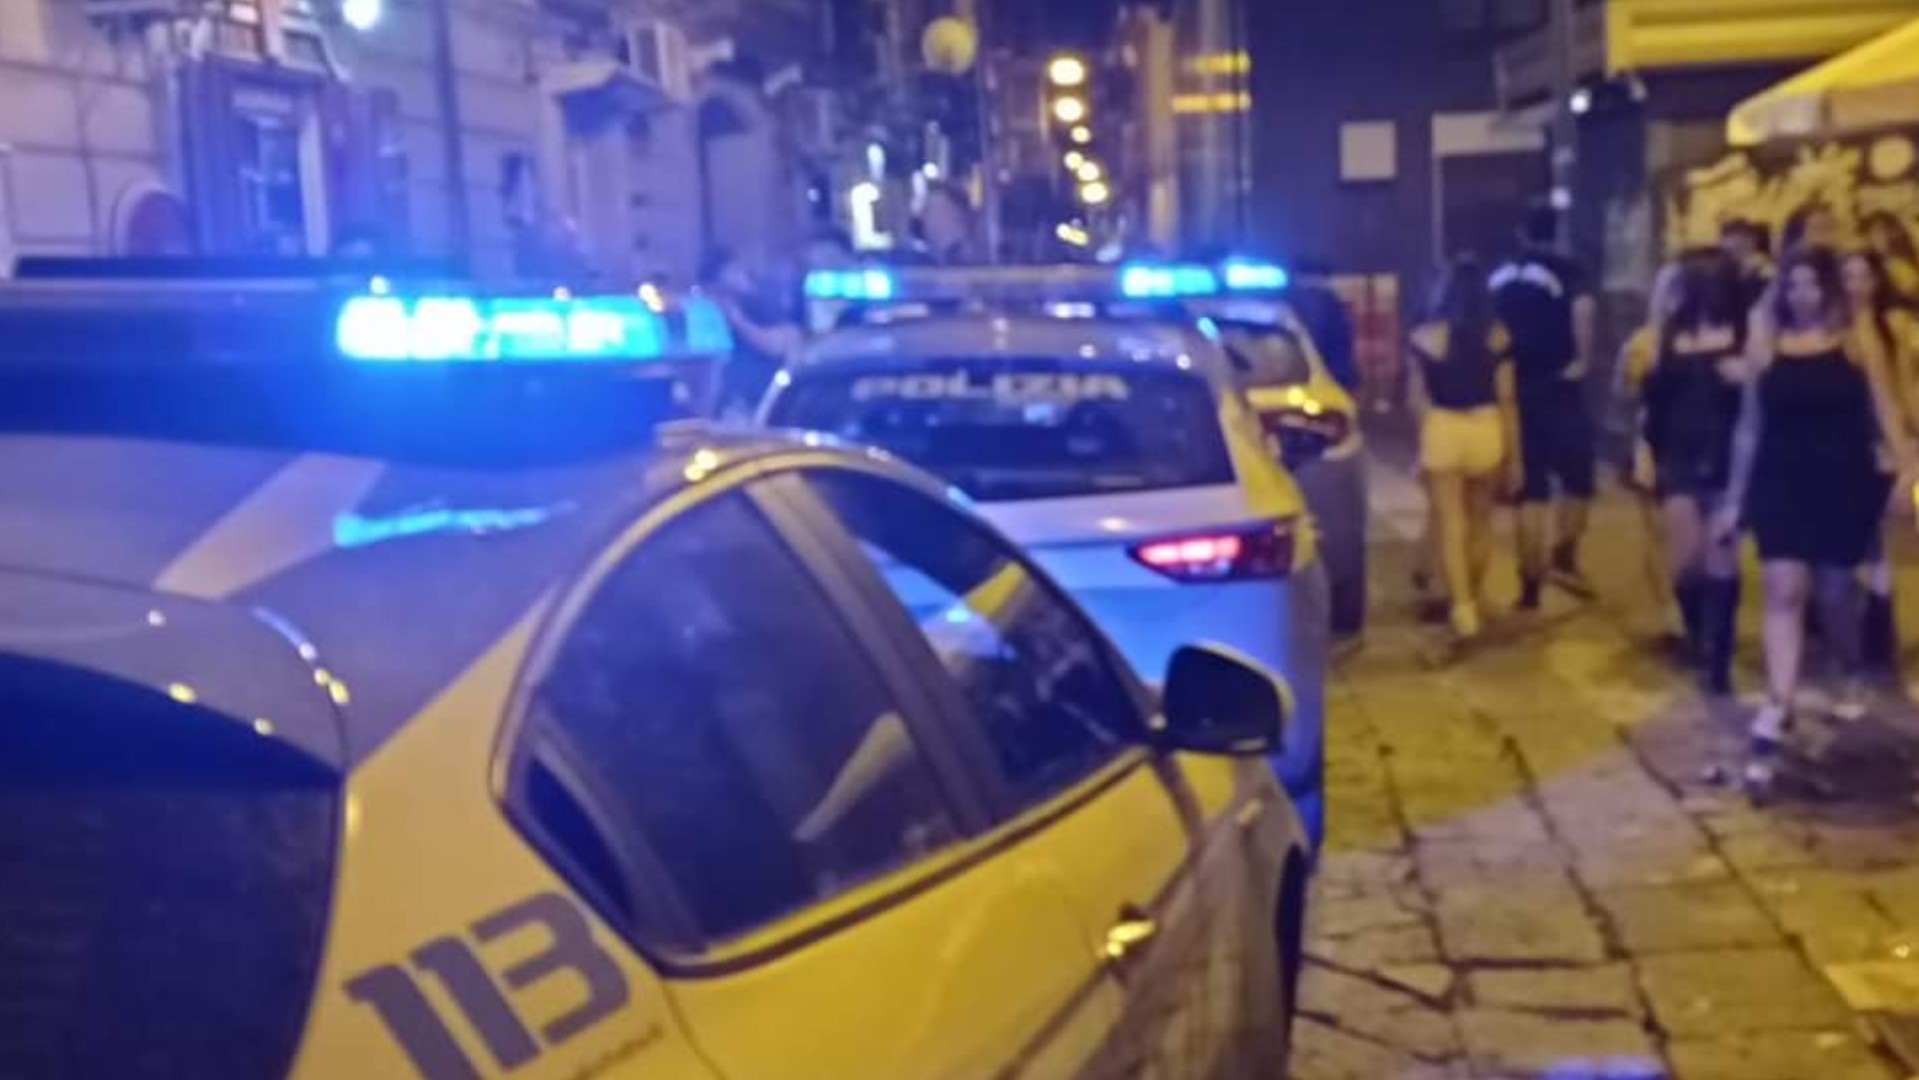 Movida violenta a Via Vico , scoppia la rissa ed il video diventa virale |  Caserta Kest'è